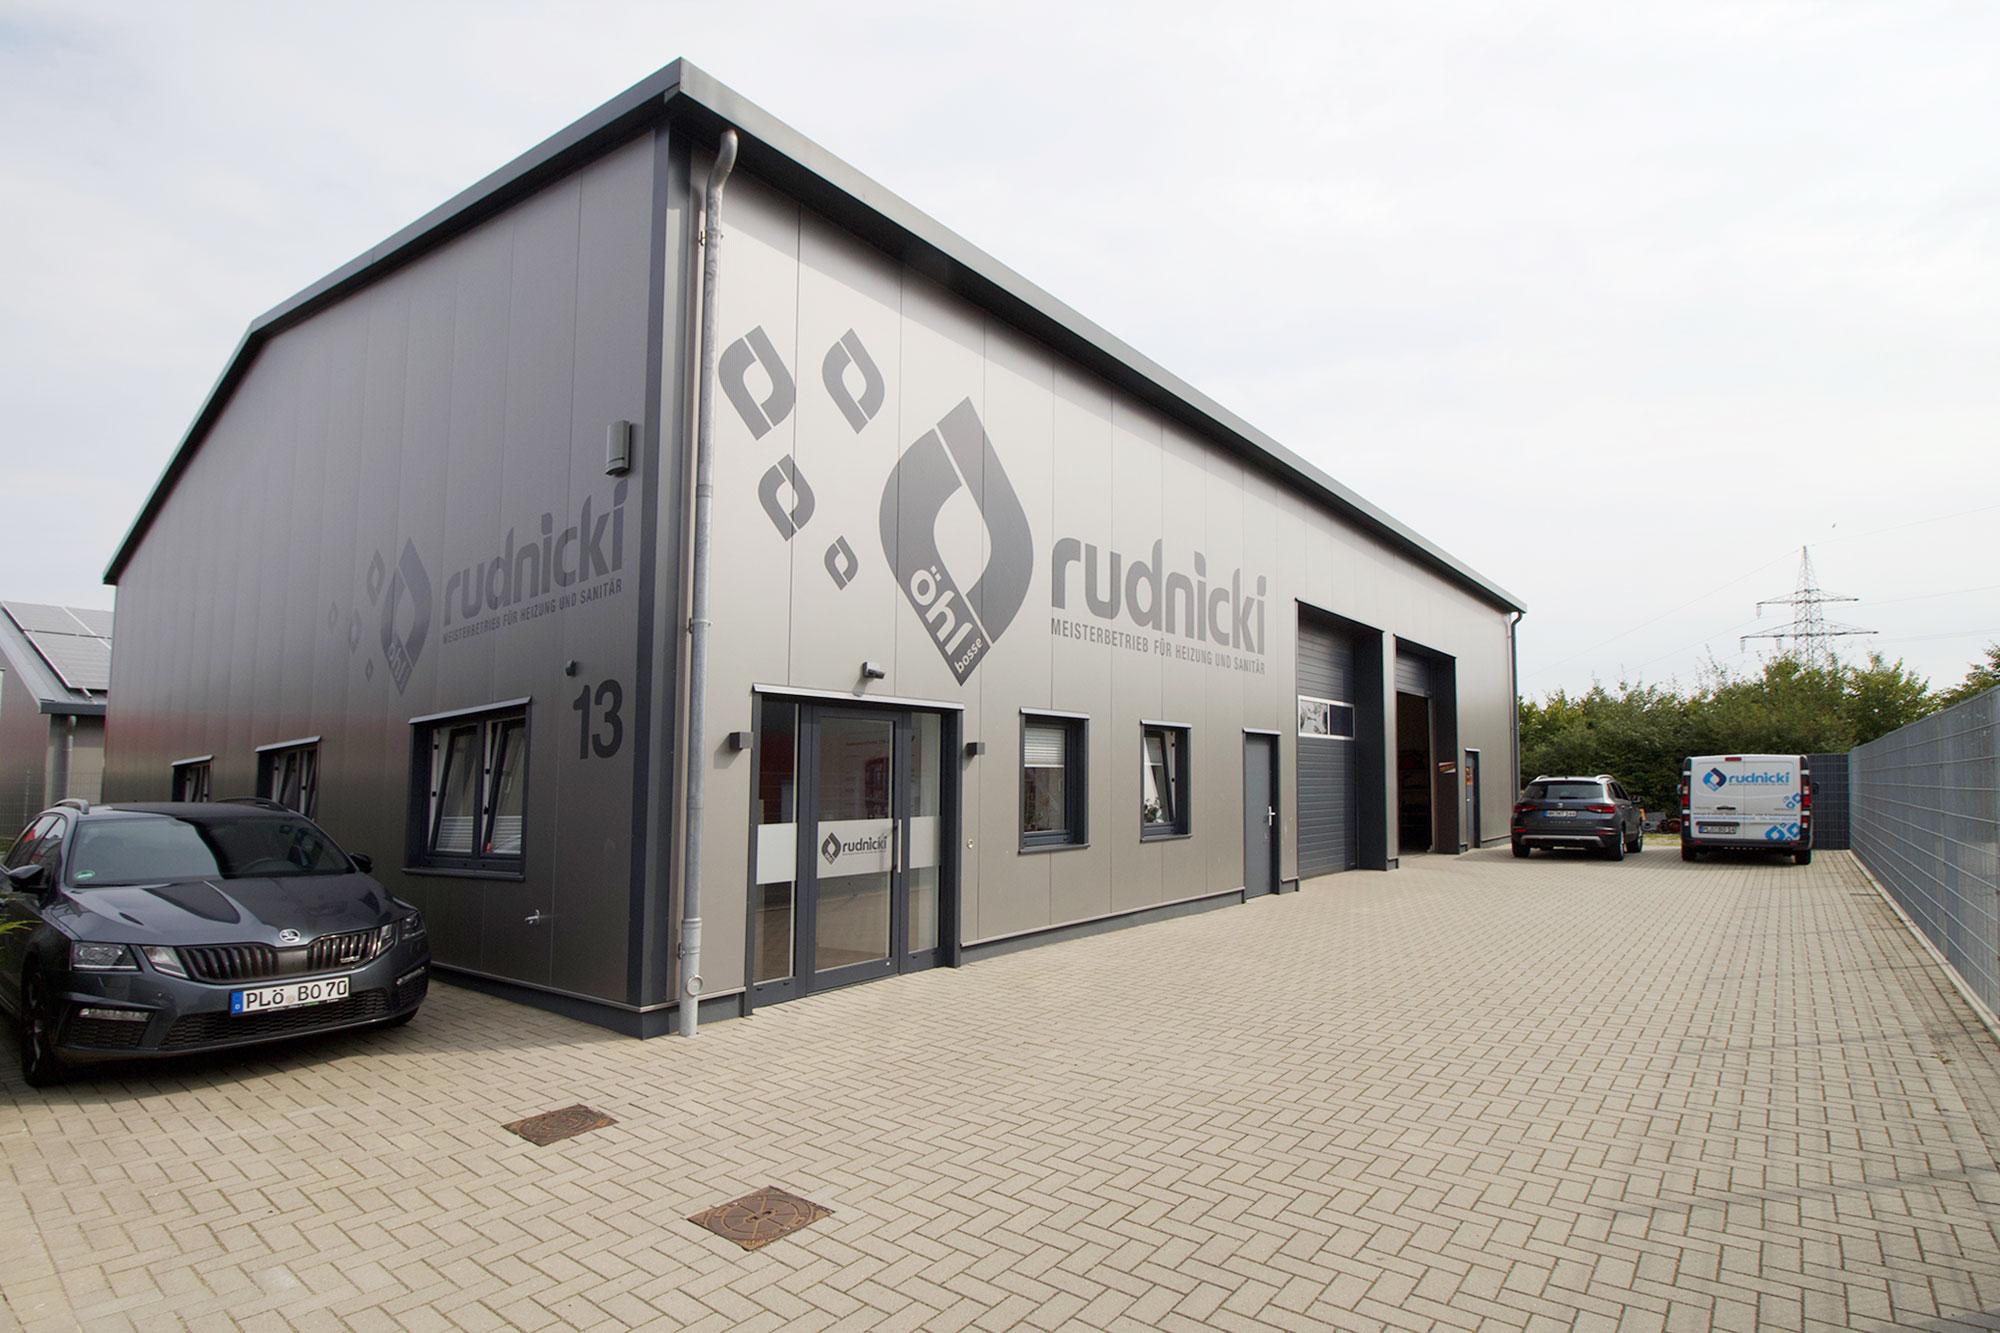 Rudnicki Firma Schönkirchen